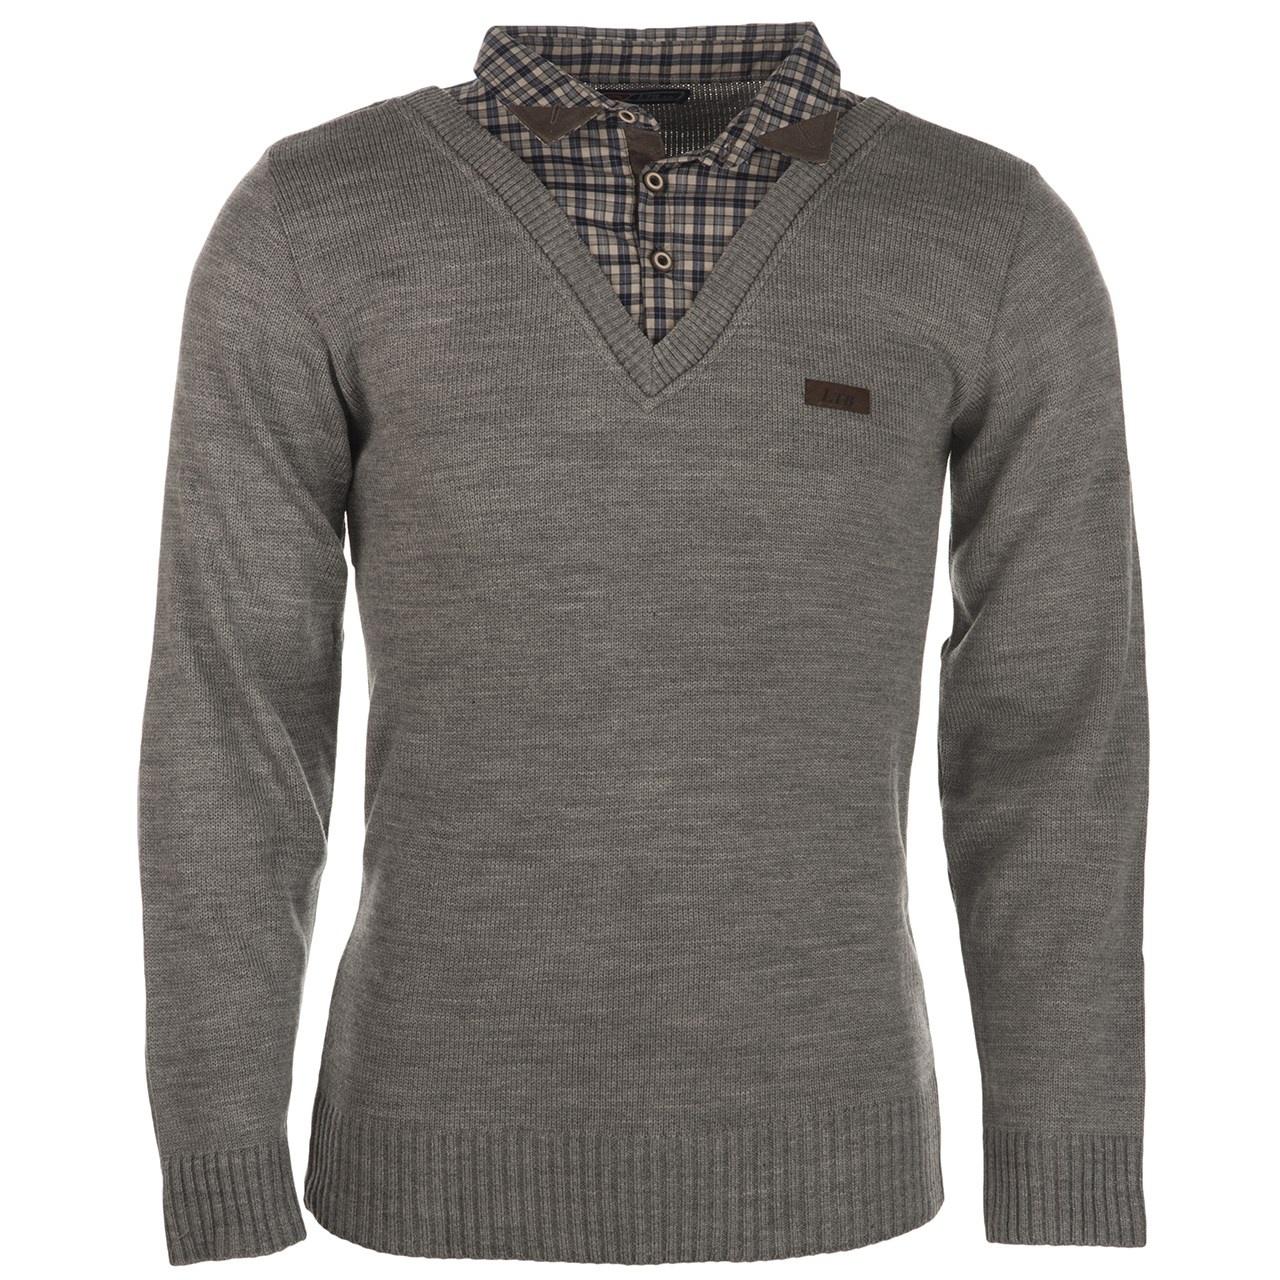 بلوز مردانه ال تی بی مدل یقه پیراهنی طوسی ۱۵۴